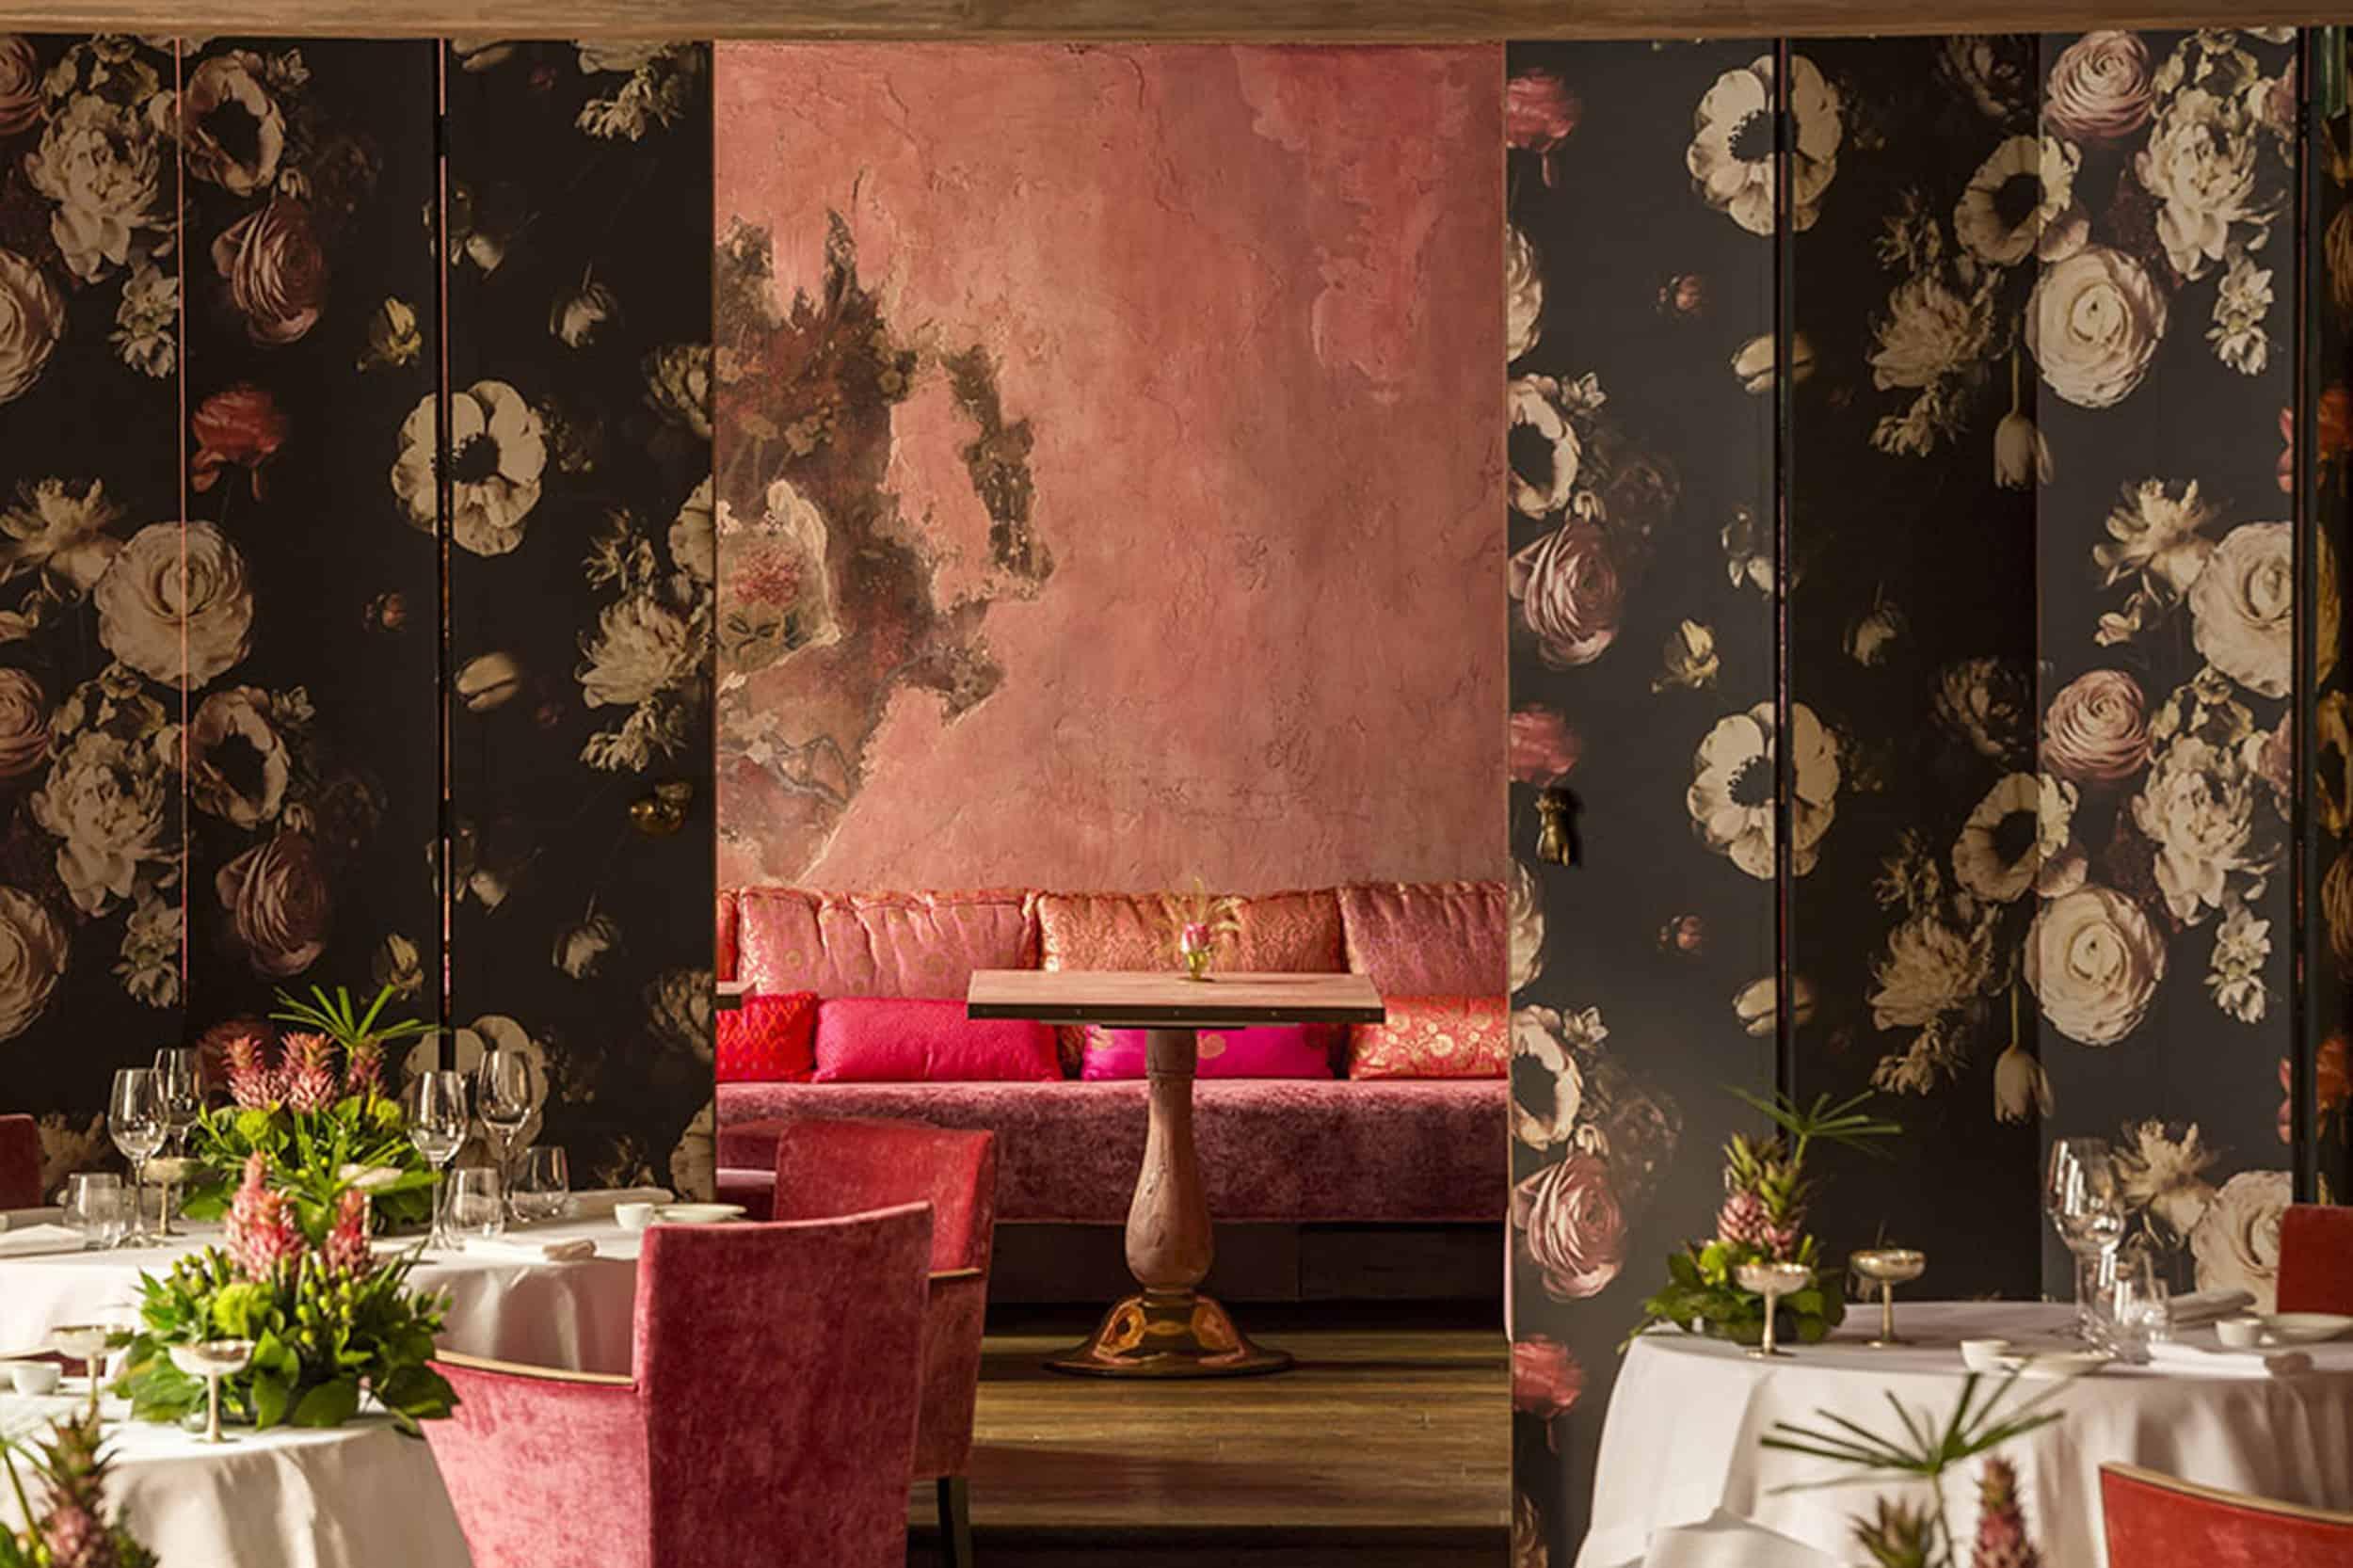 Met Restaurant, Hotel Metropole. Venice floral wallpaper pink